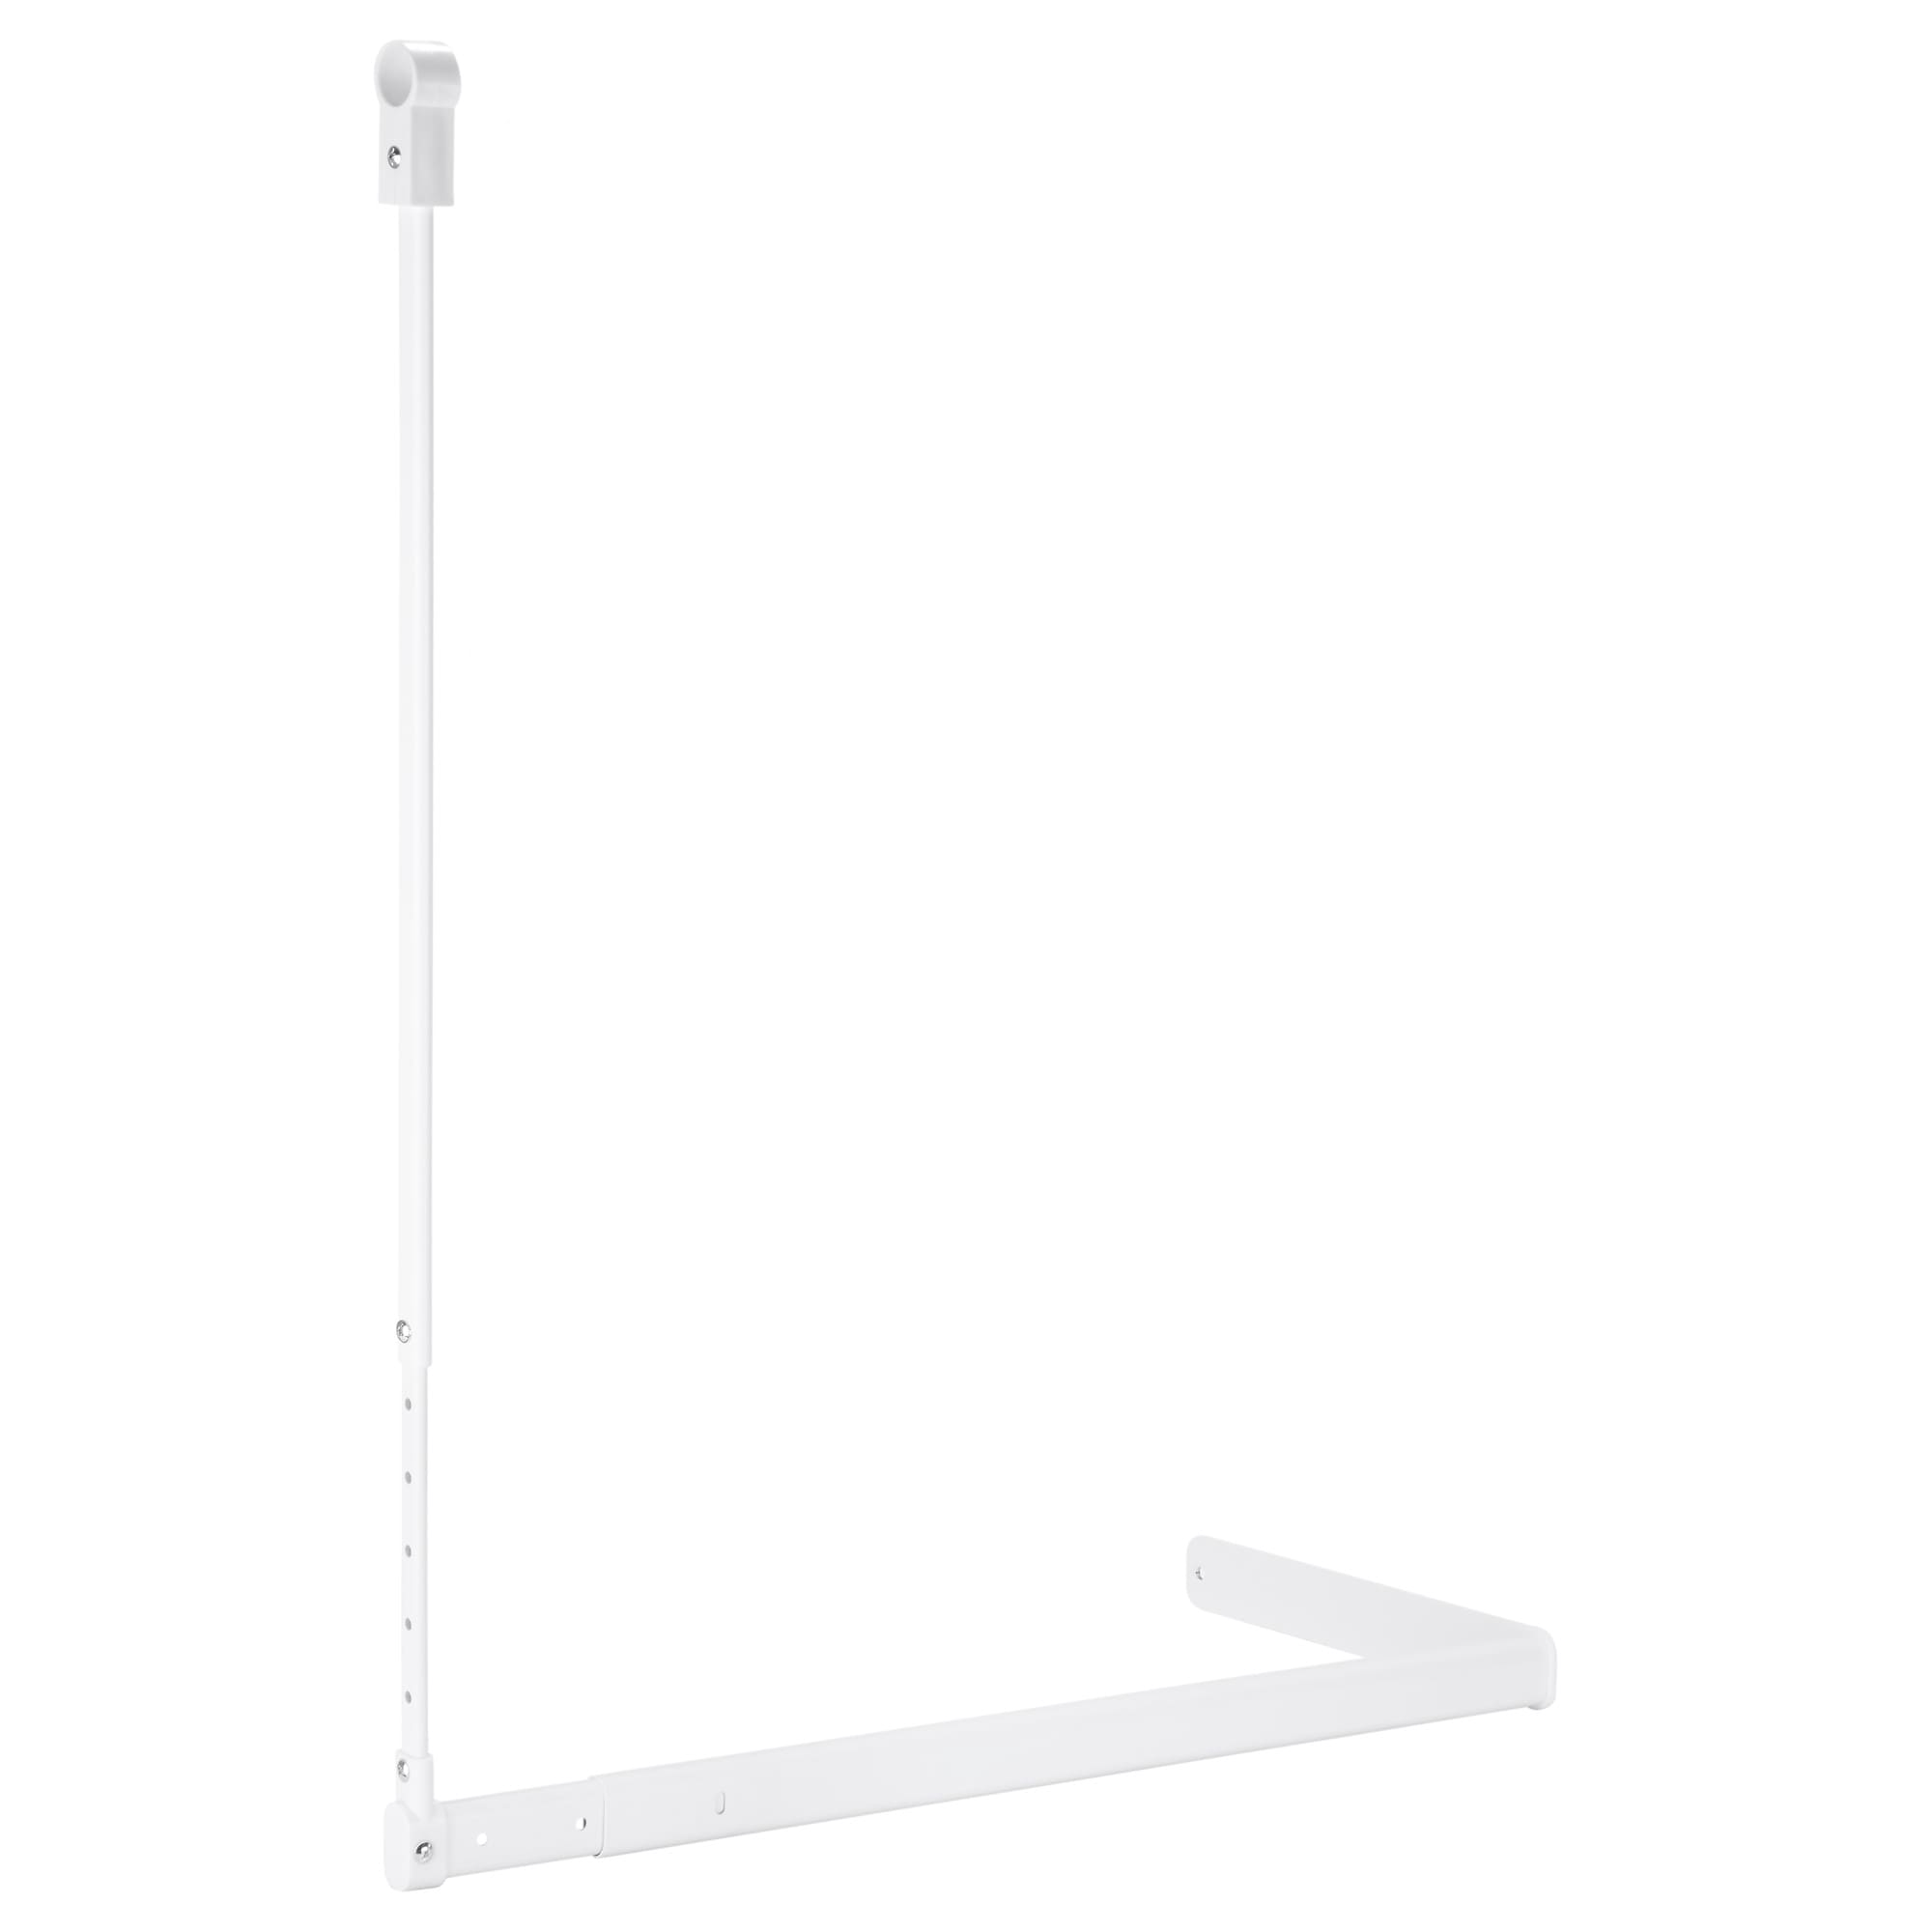 Дополнительная платяная штанга КОМПЛИМЕНТ белый артикуль № 303.791.99 в наличии. Онлайн сайт IKEA РБ. Быстрая доставка и соборка.